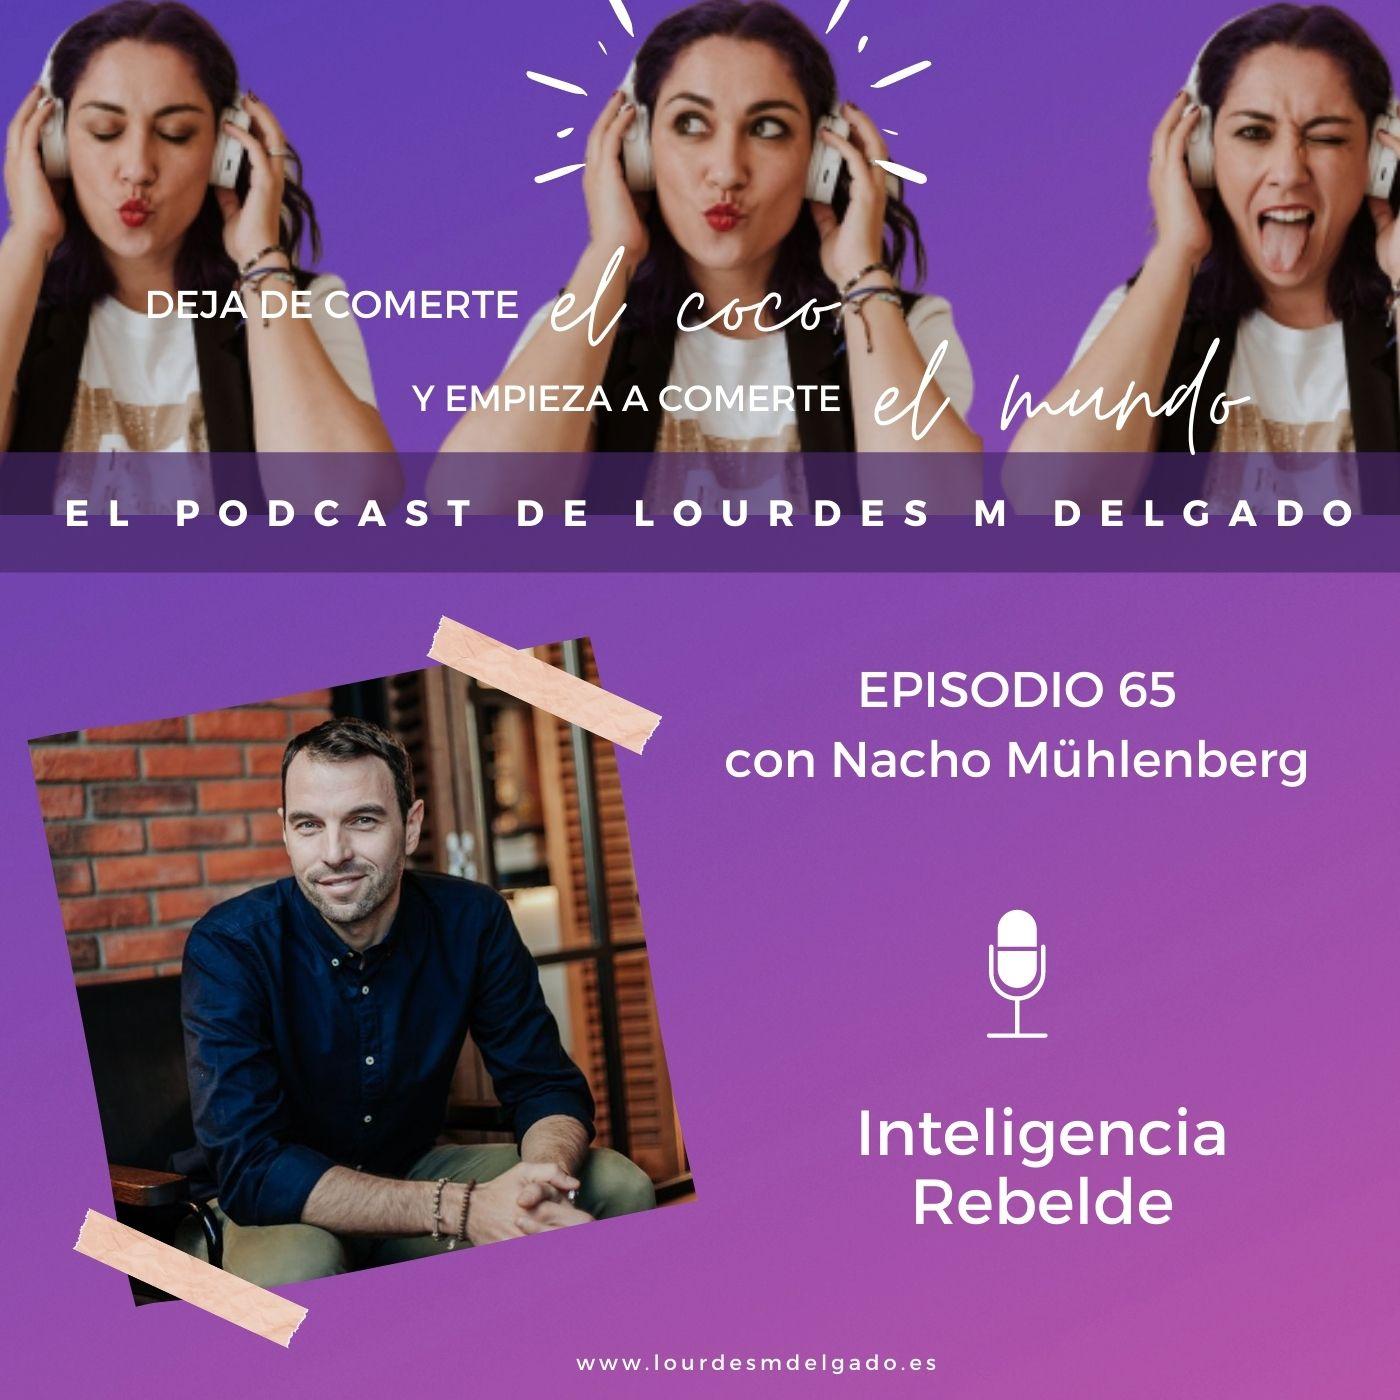 Inteligencia rebelde: inteligencia emocional, económica y emprendedora